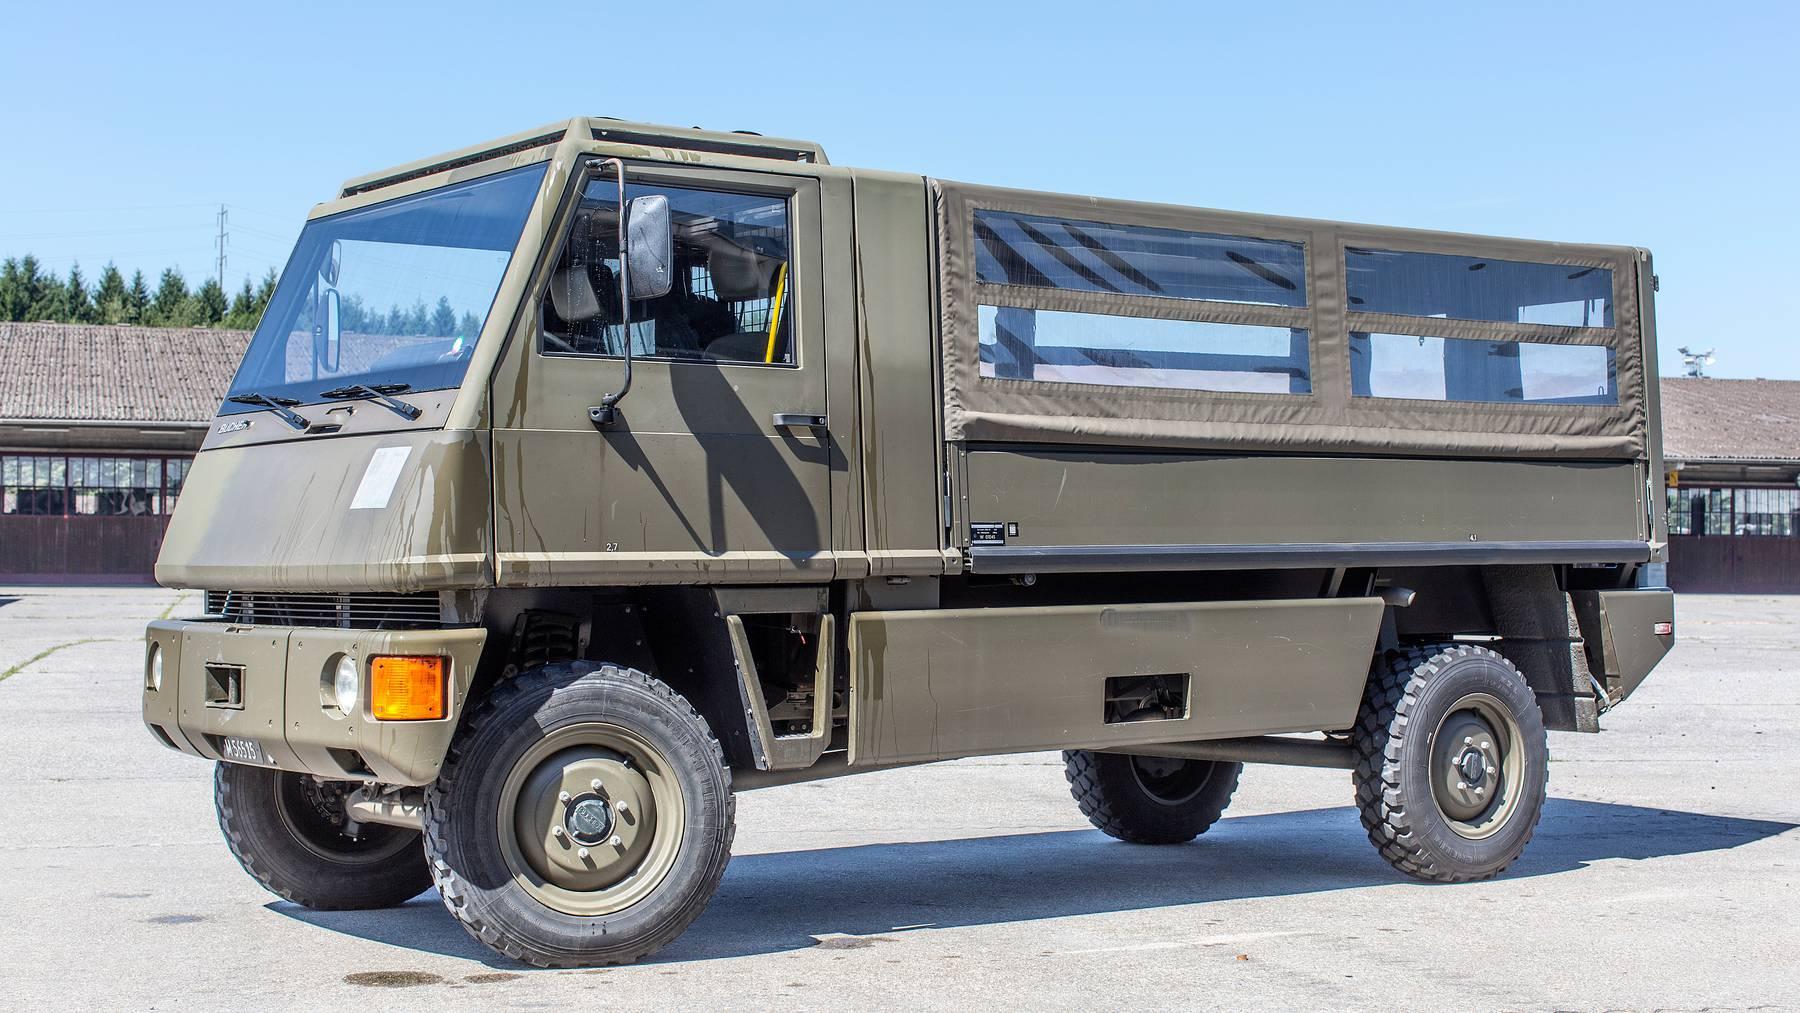 Erhält einen umweltfreundlicheren Motor: Der Mannaschaftstransporter Duro der Armee.